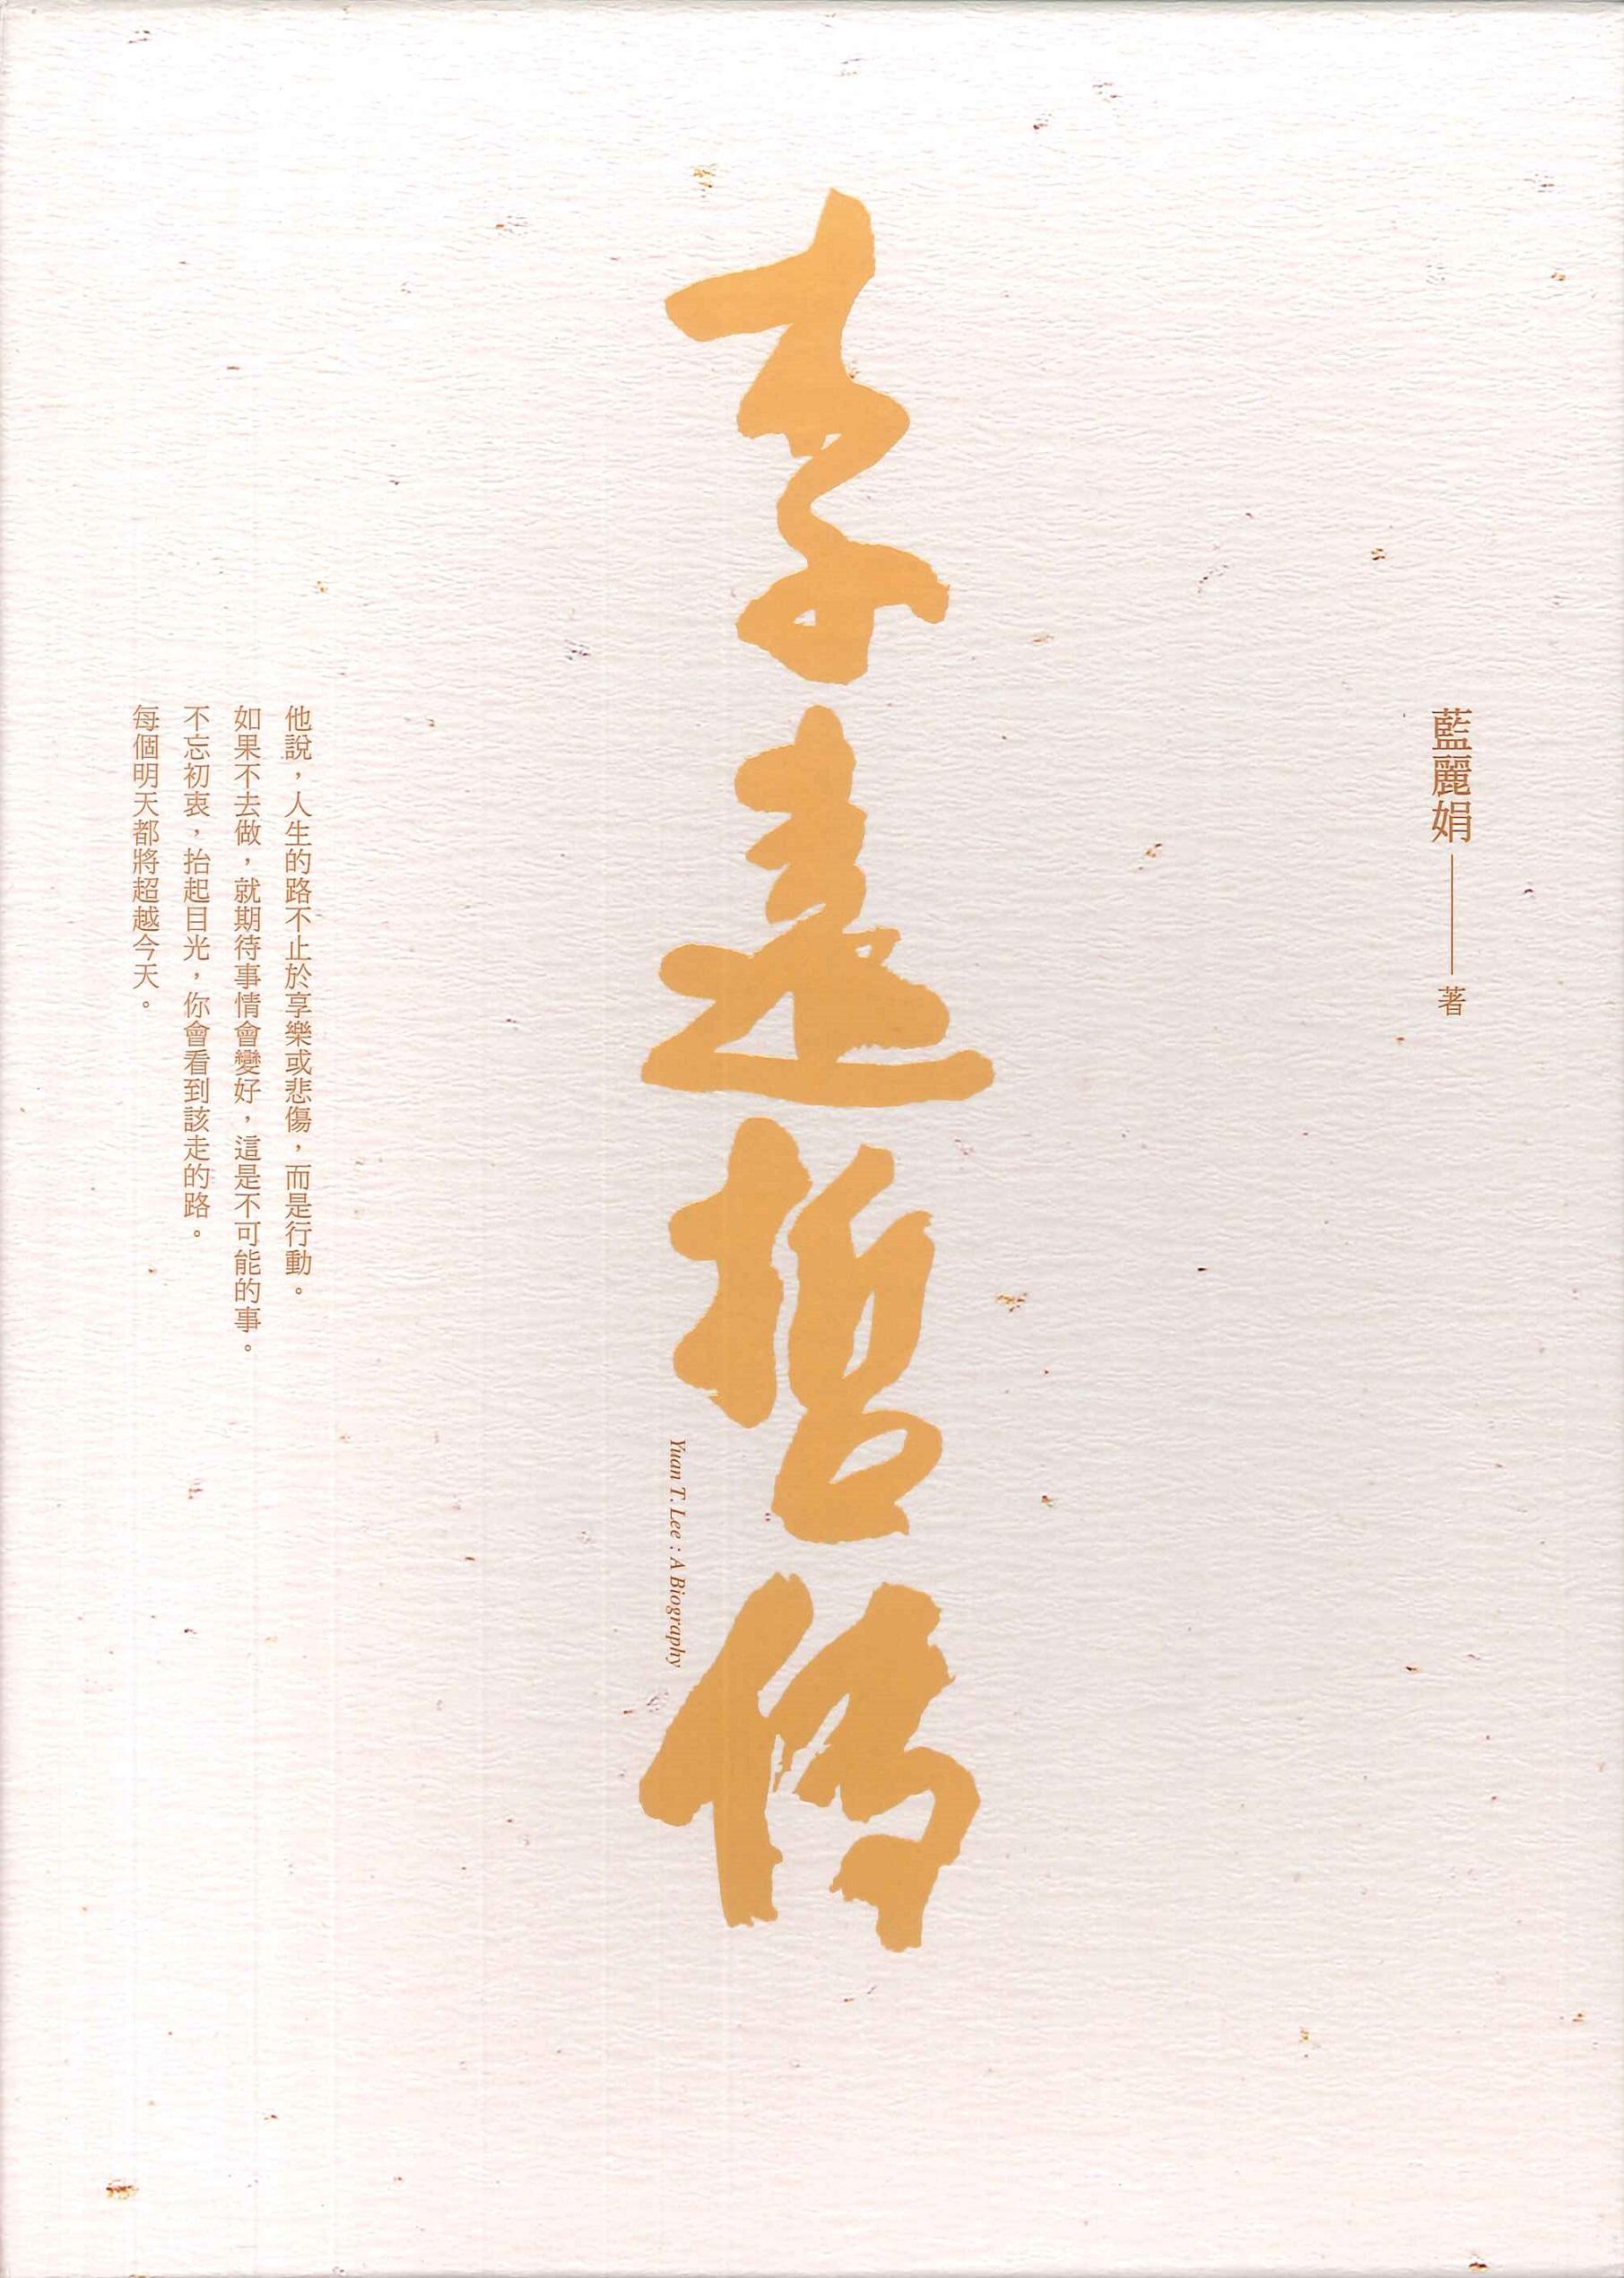 李遠哲傳=Yuan T. Lee: a biography